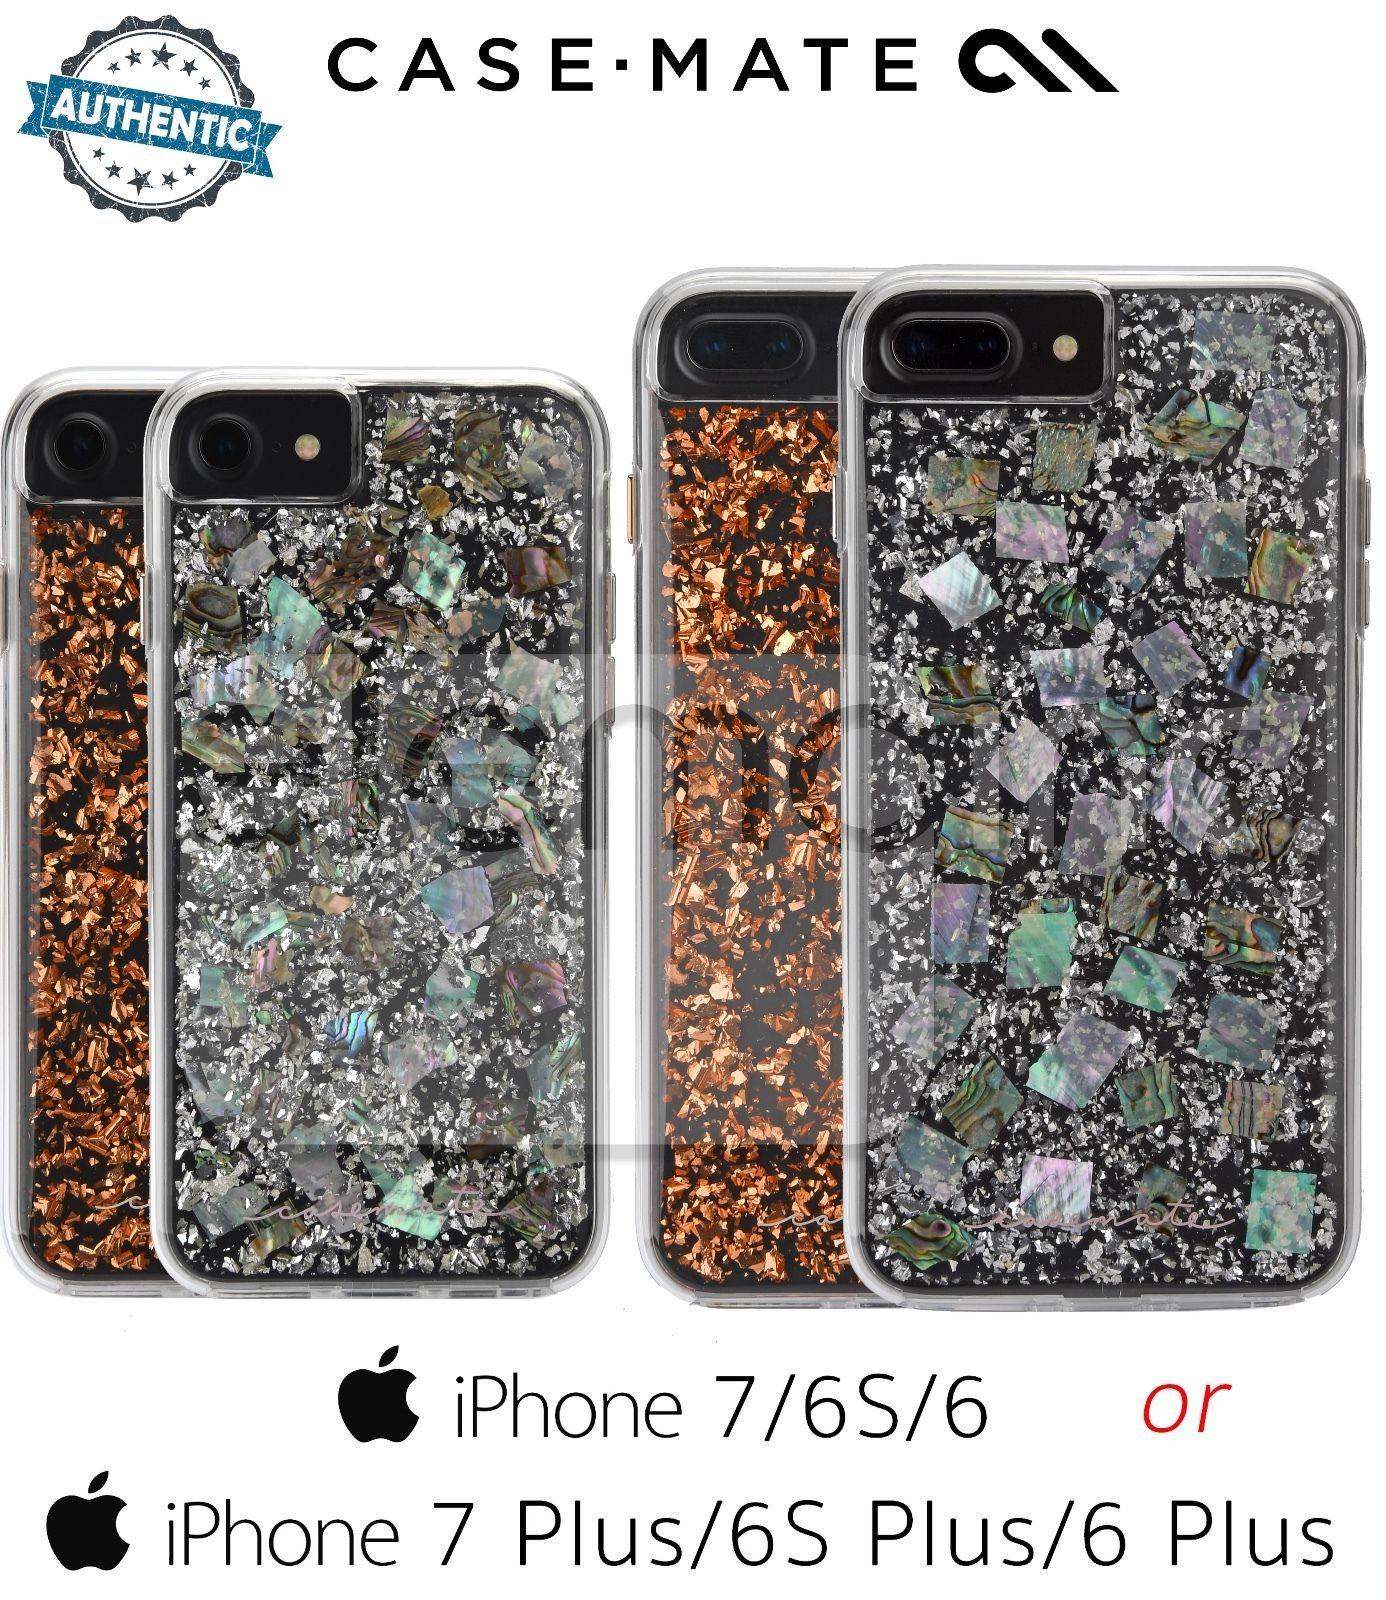 Case mate premium karat series dual case for apple iphone